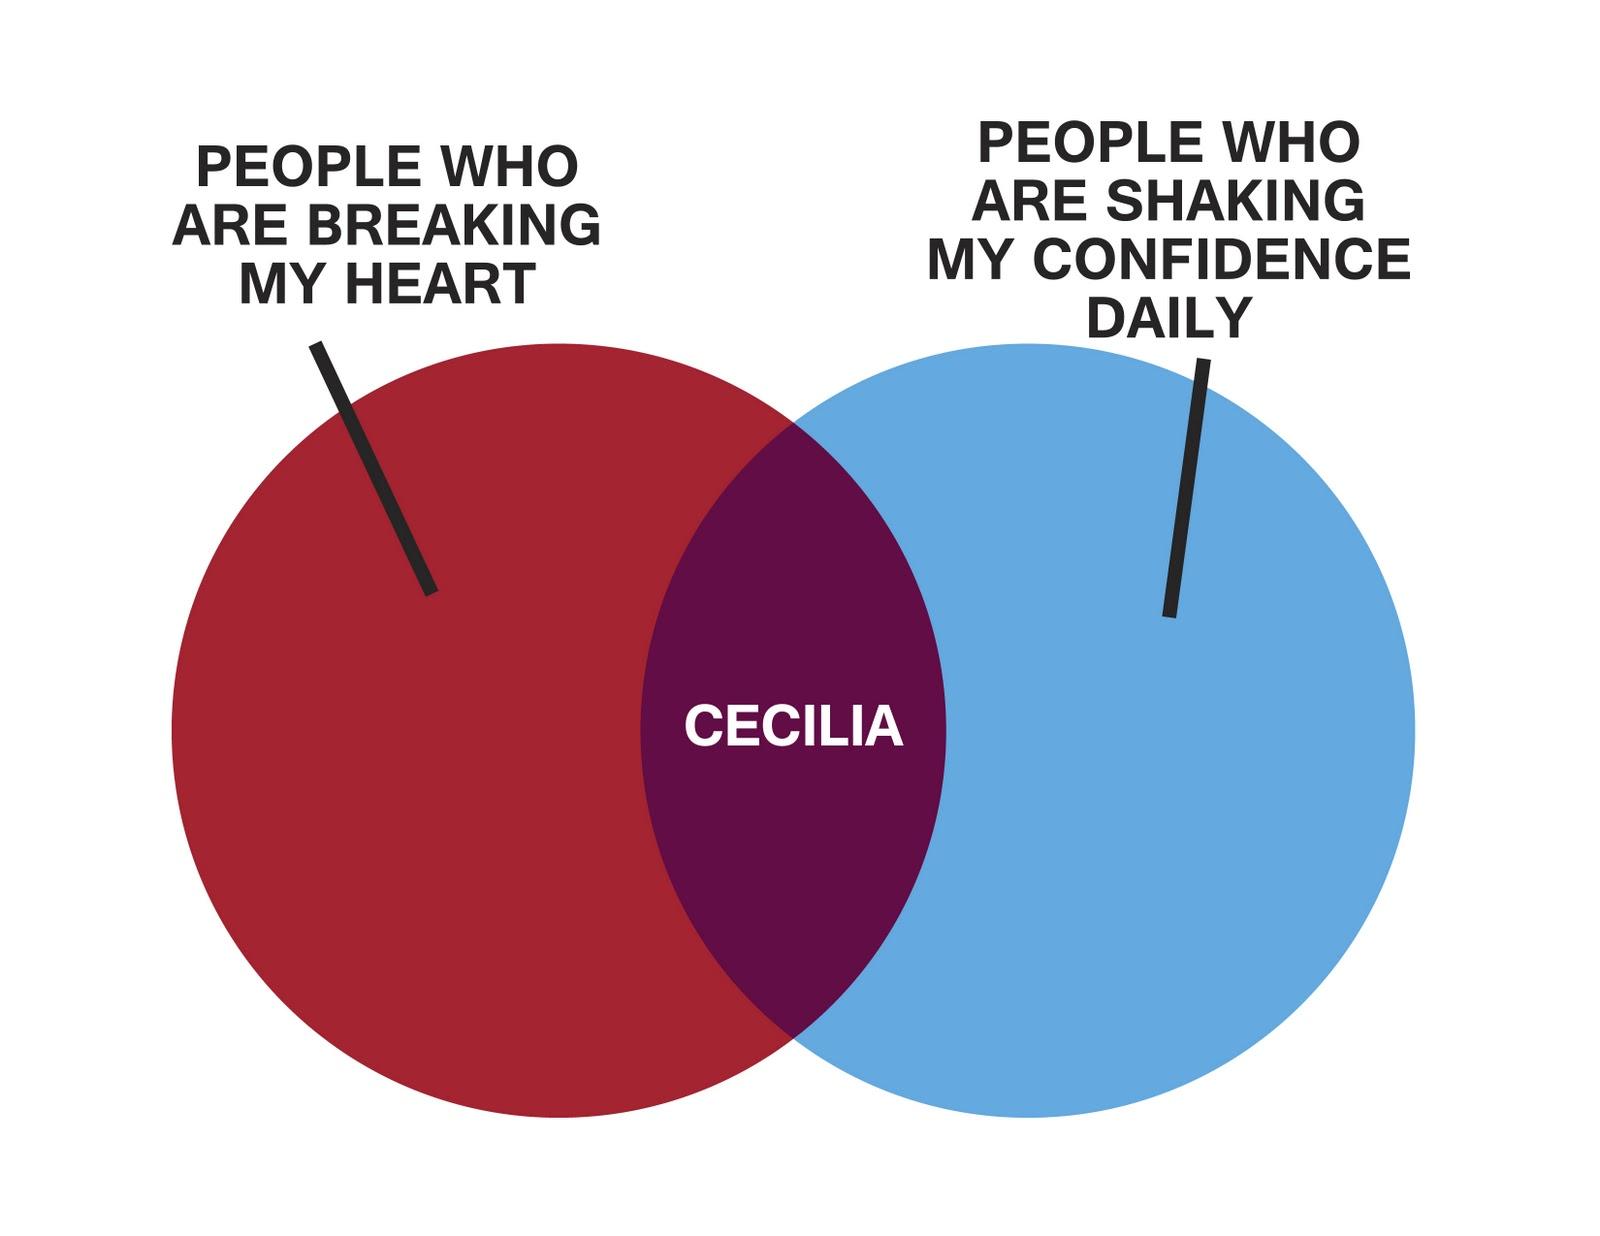 Still my favorite Venn diagram : funny